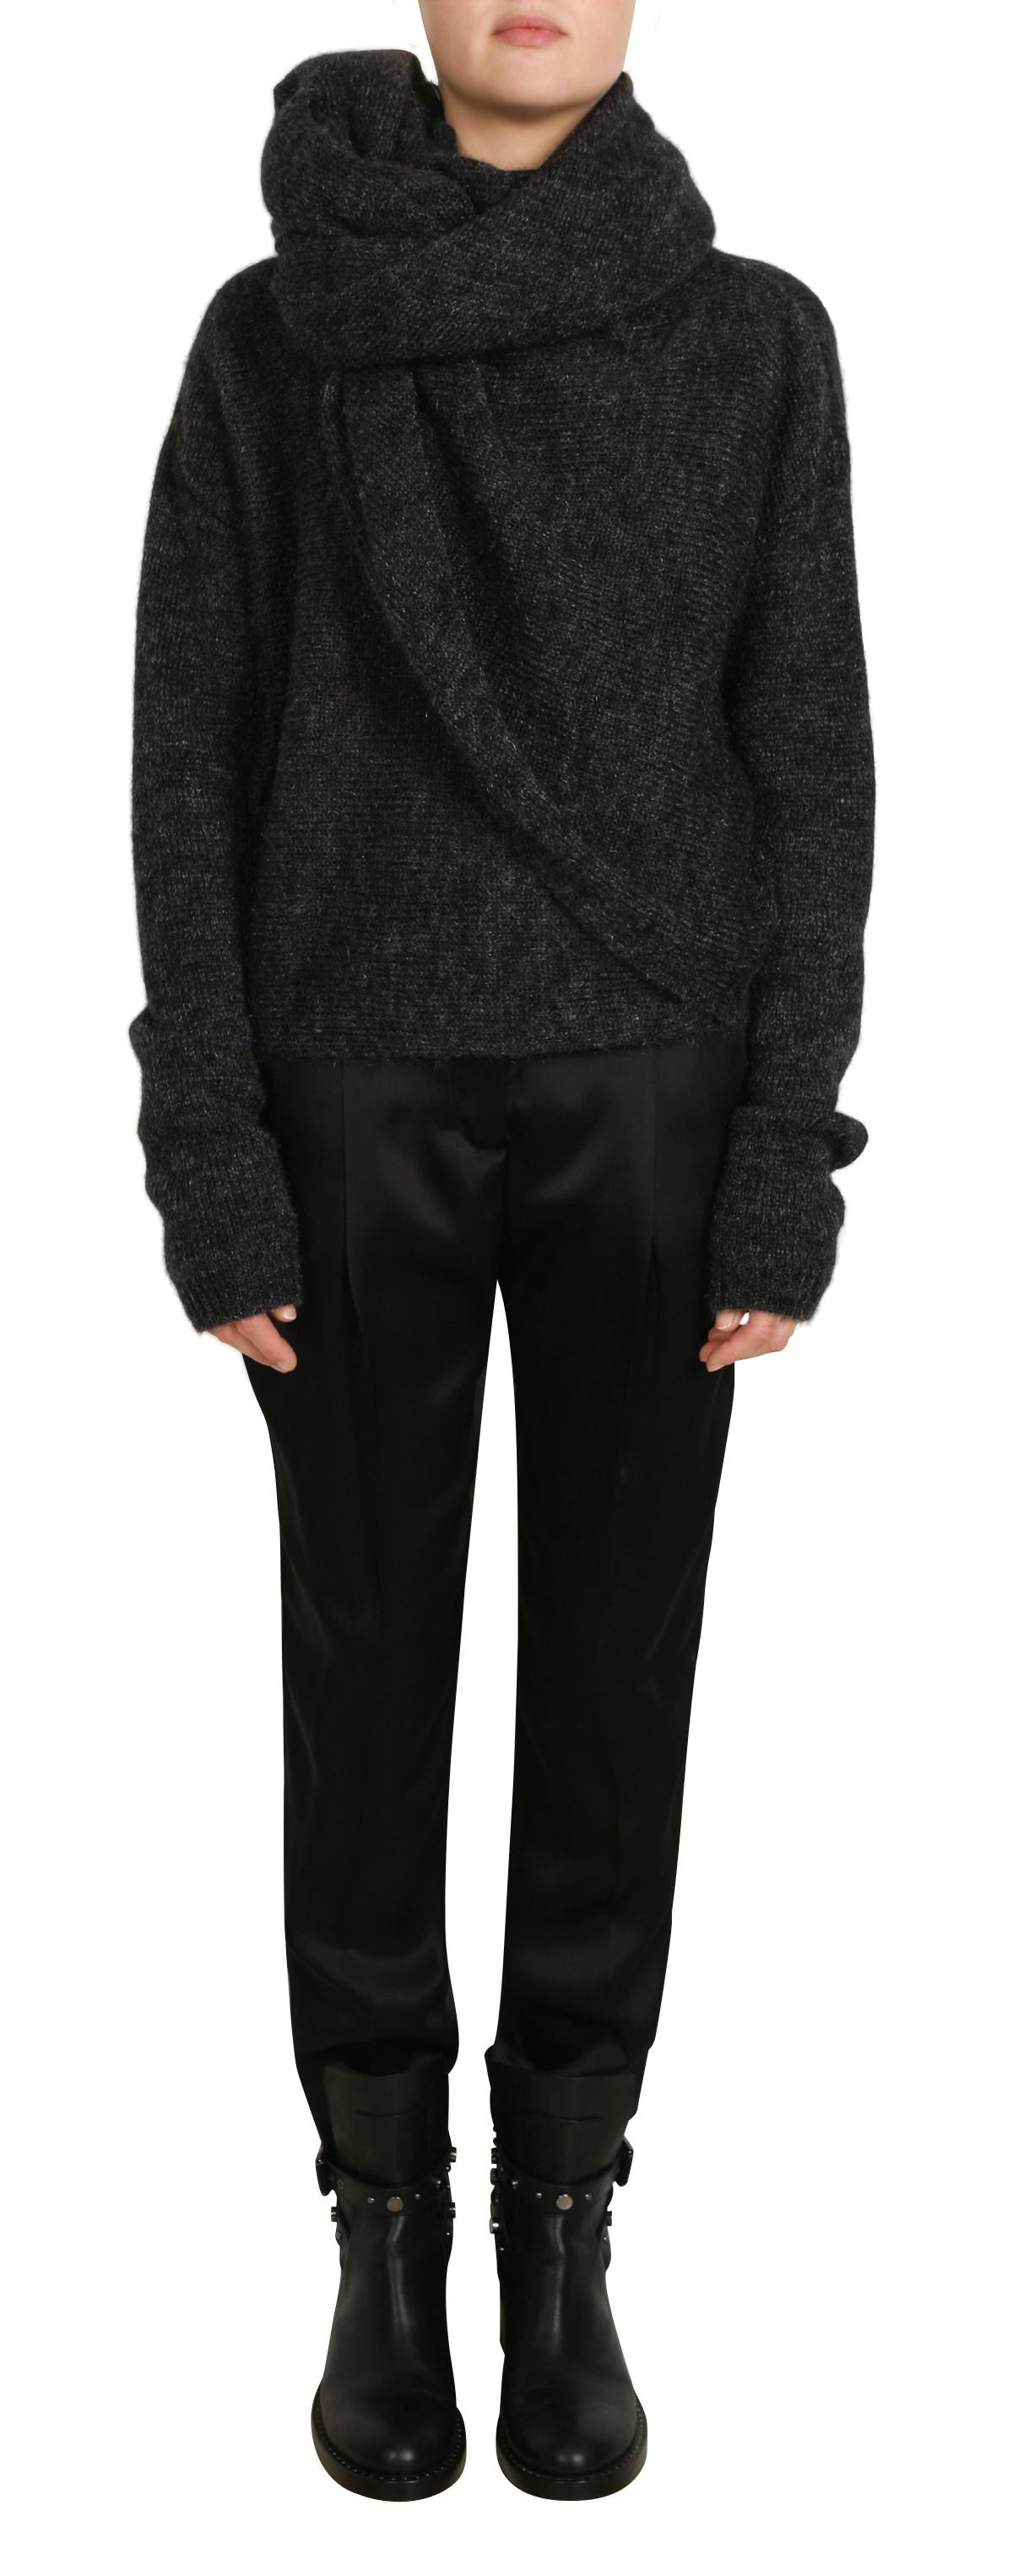 illustrious shapes pullover 1 1 knit sale onlineshop dorothee schumacher onlineshop. Black Bedroom Furniture Sets. Home Design Ideas